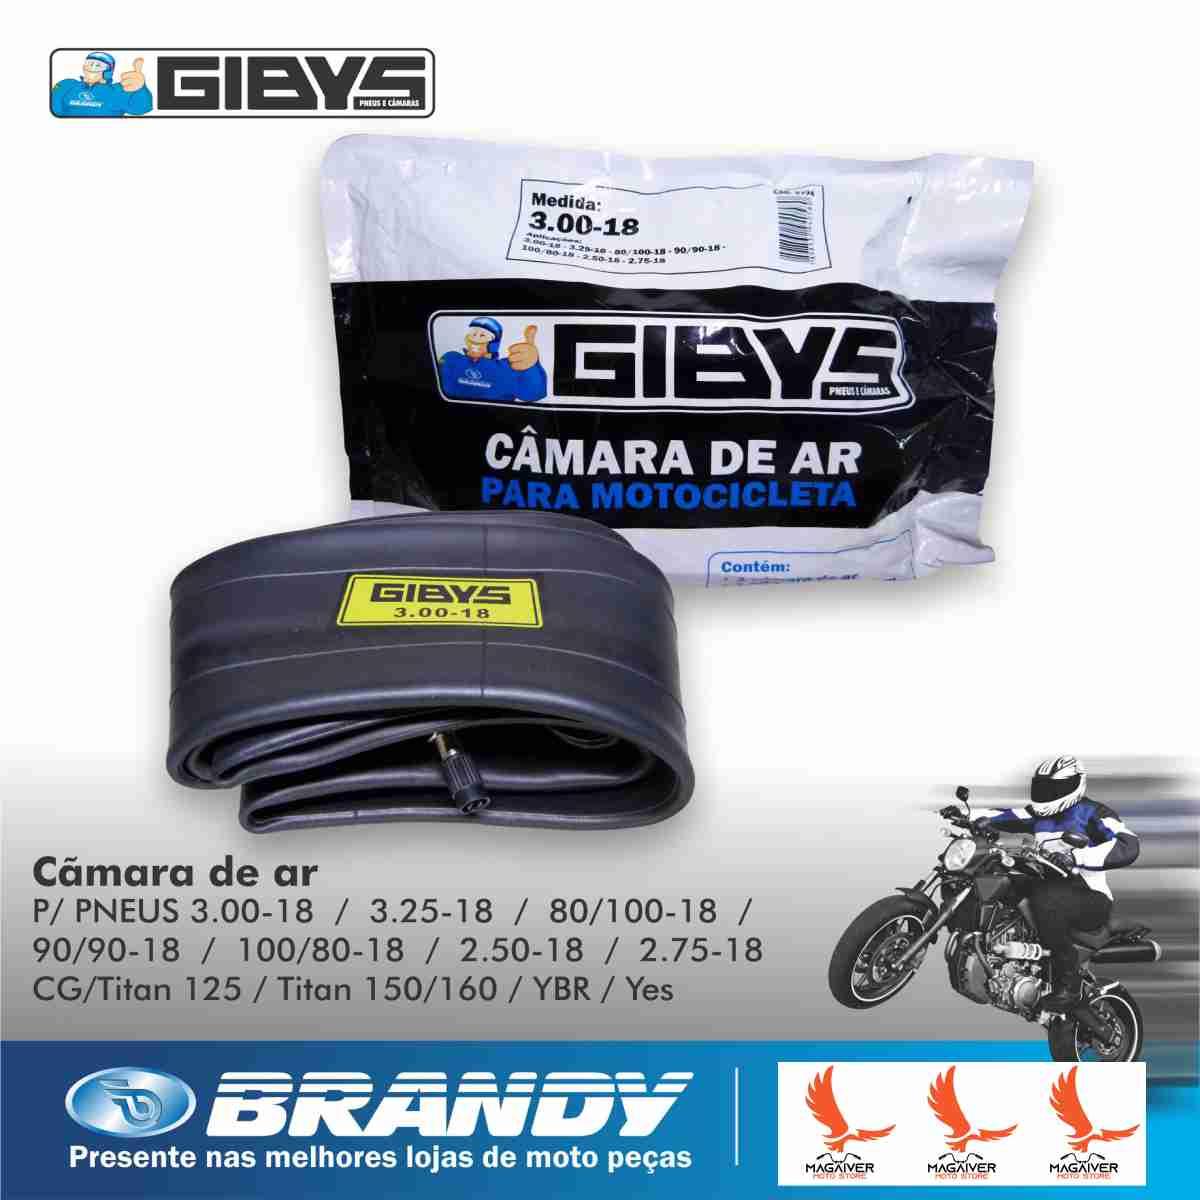 KIT PNEU DE MOTO DIANTEIRO GIBYS CG FAN TITAN FACTOR YBR 125 150 160 90/90-18 57P + CÂMARA DE AR